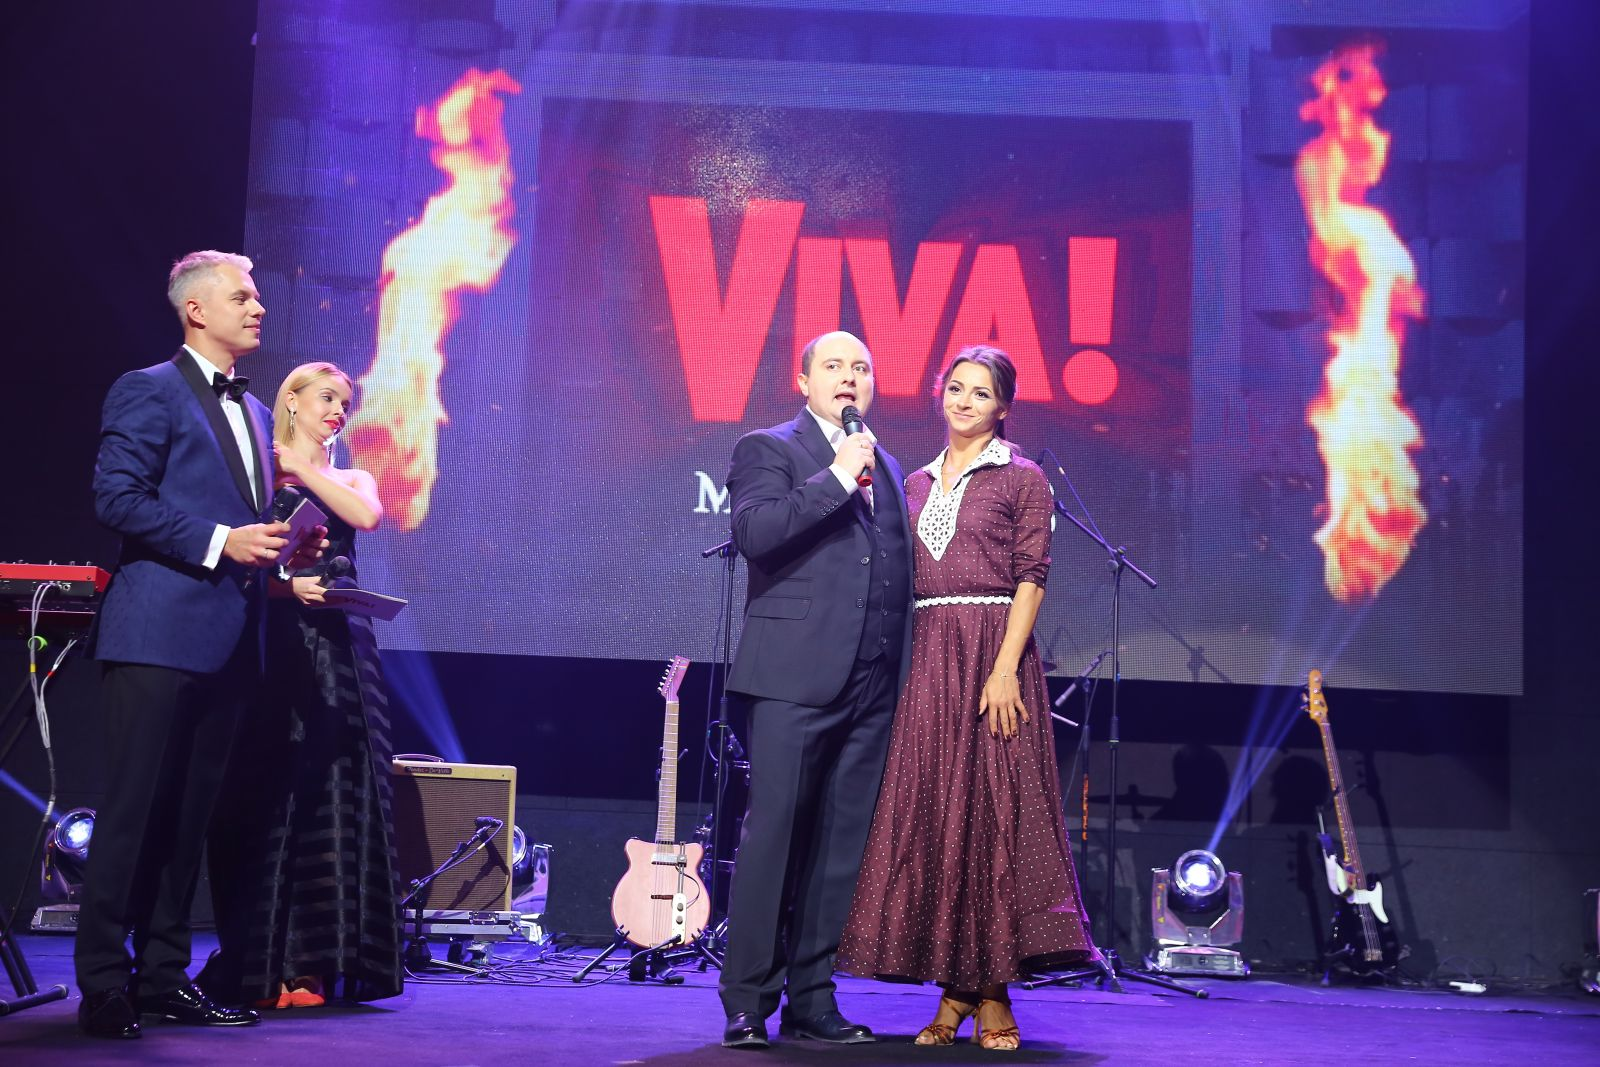 Сказка ожила: в Киеве прошел грандиозный